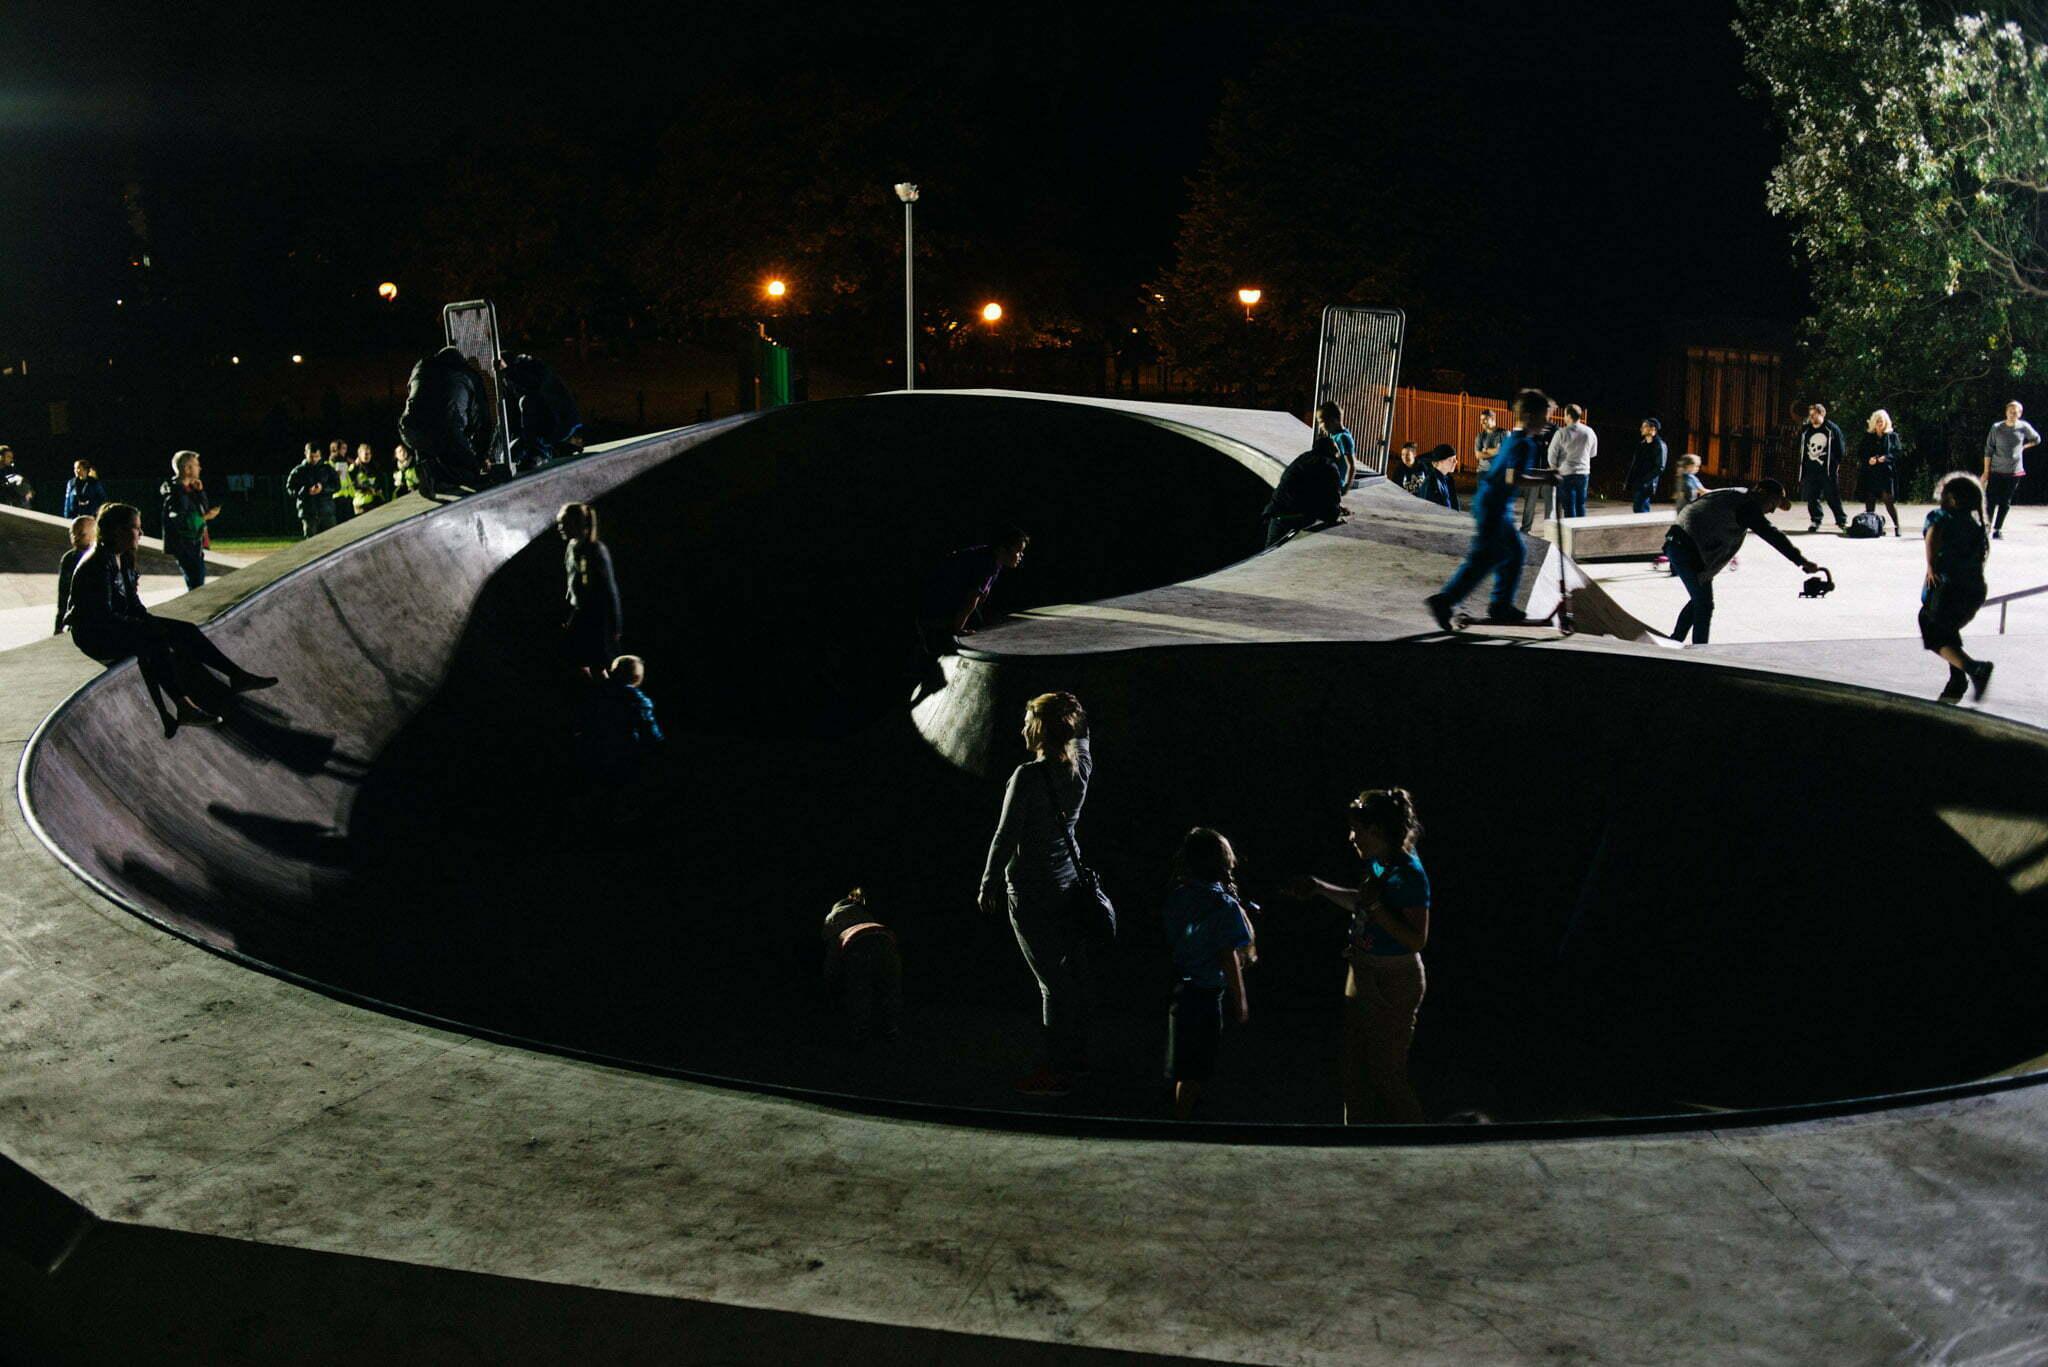 biennial-evertro-skatepark-6383-pete-carr